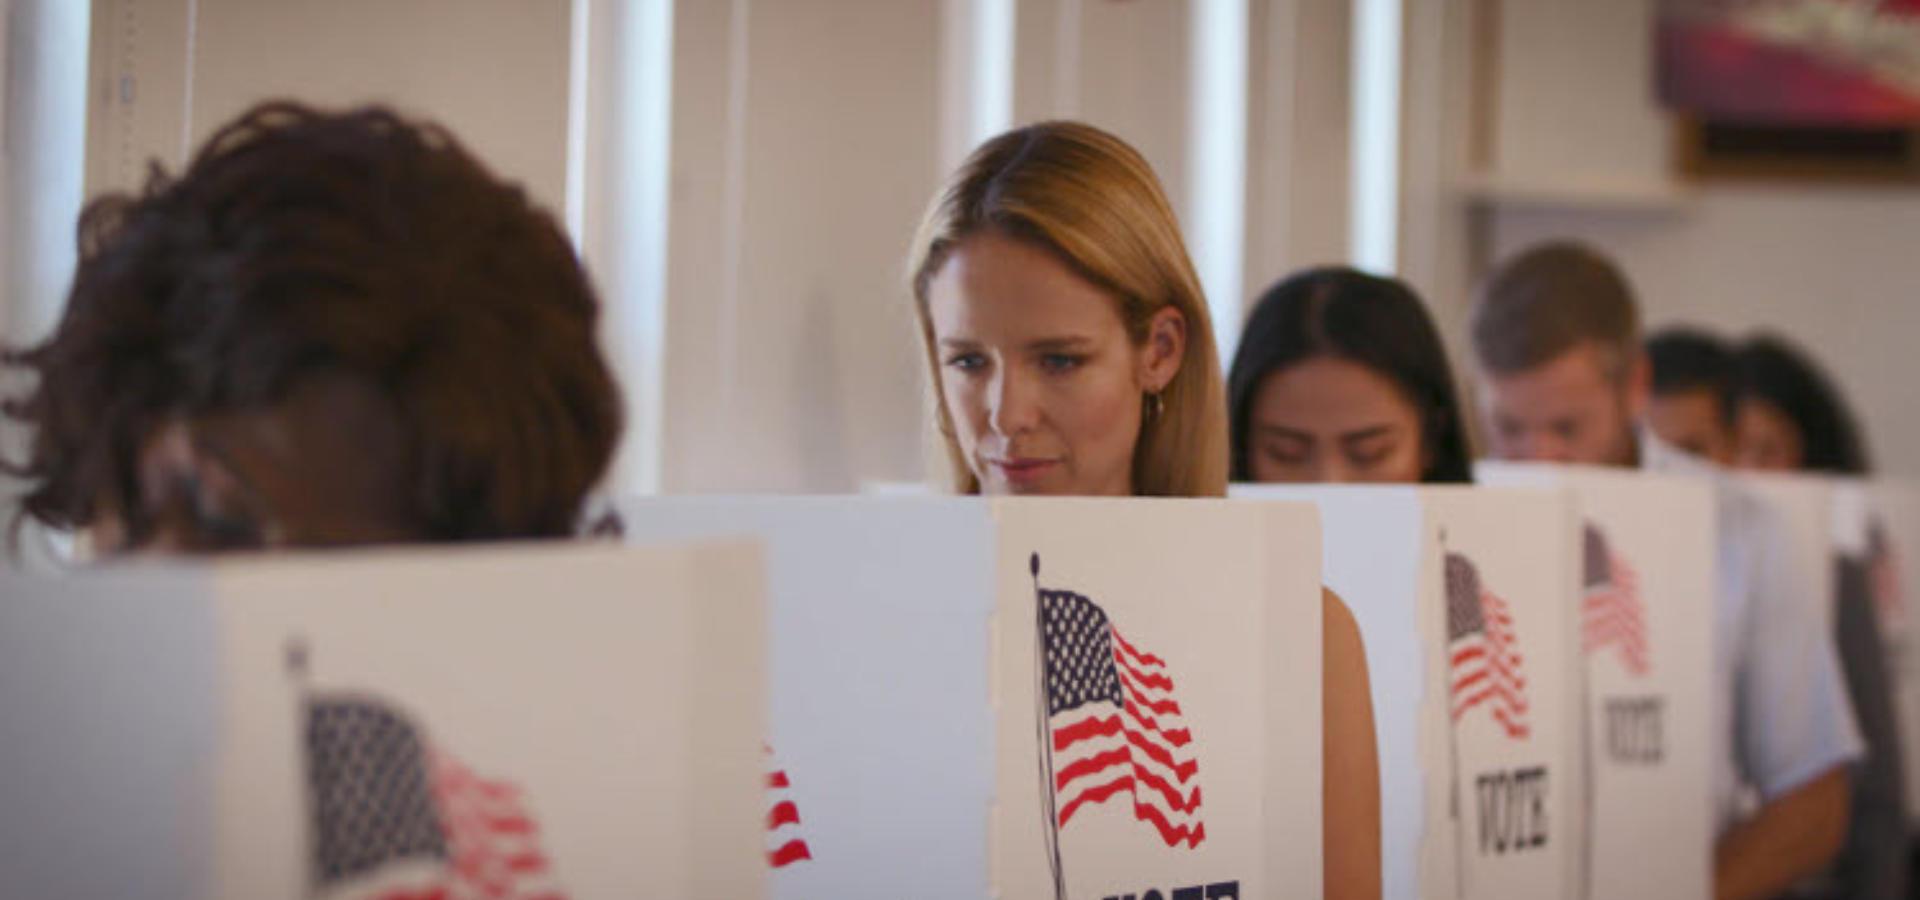 My Faith Votes, Abby Johnson